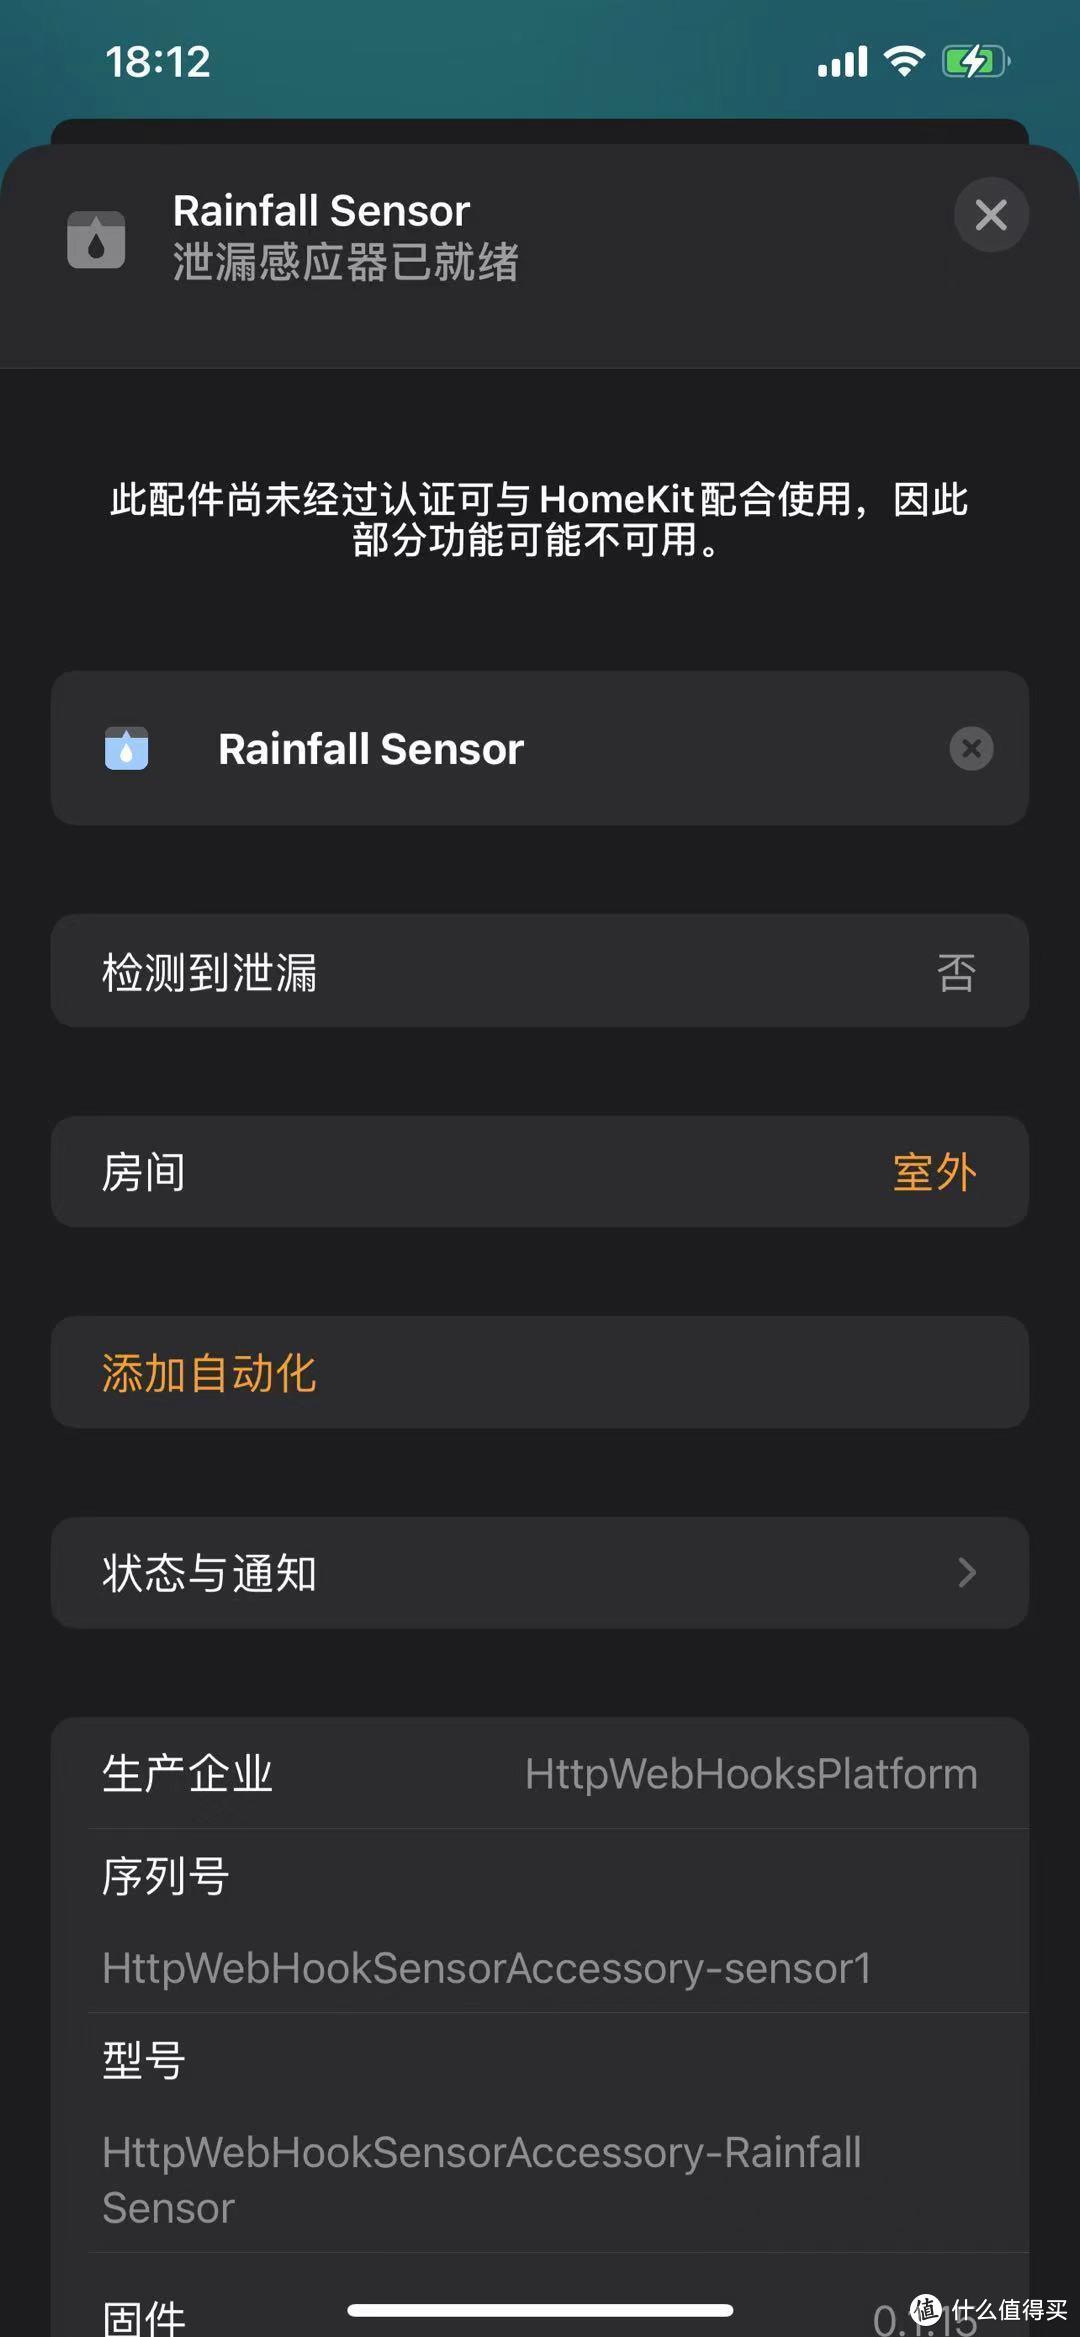 两种向Homekit和米家添加雨量传感器以实现自动化关窗的方法